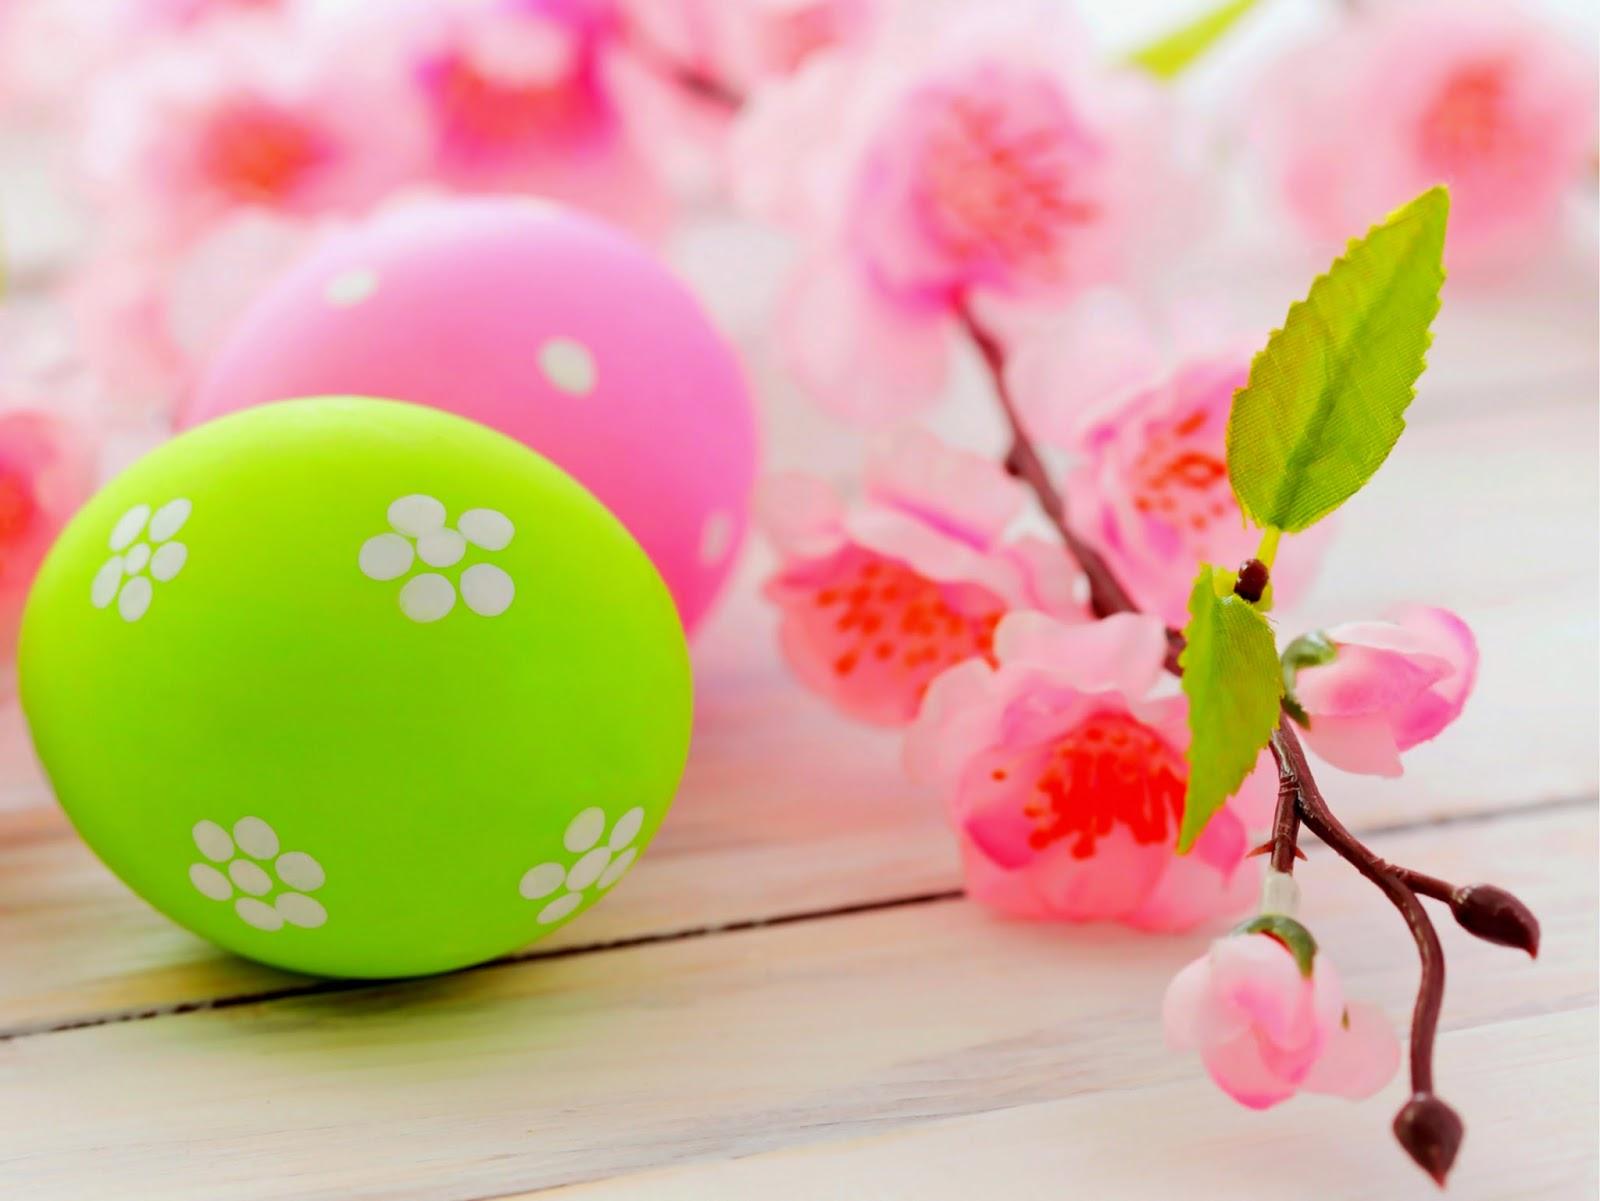 ... 2015: Easter April 2015 Easter 2015, Easter 2016 Easter 2015 Dates